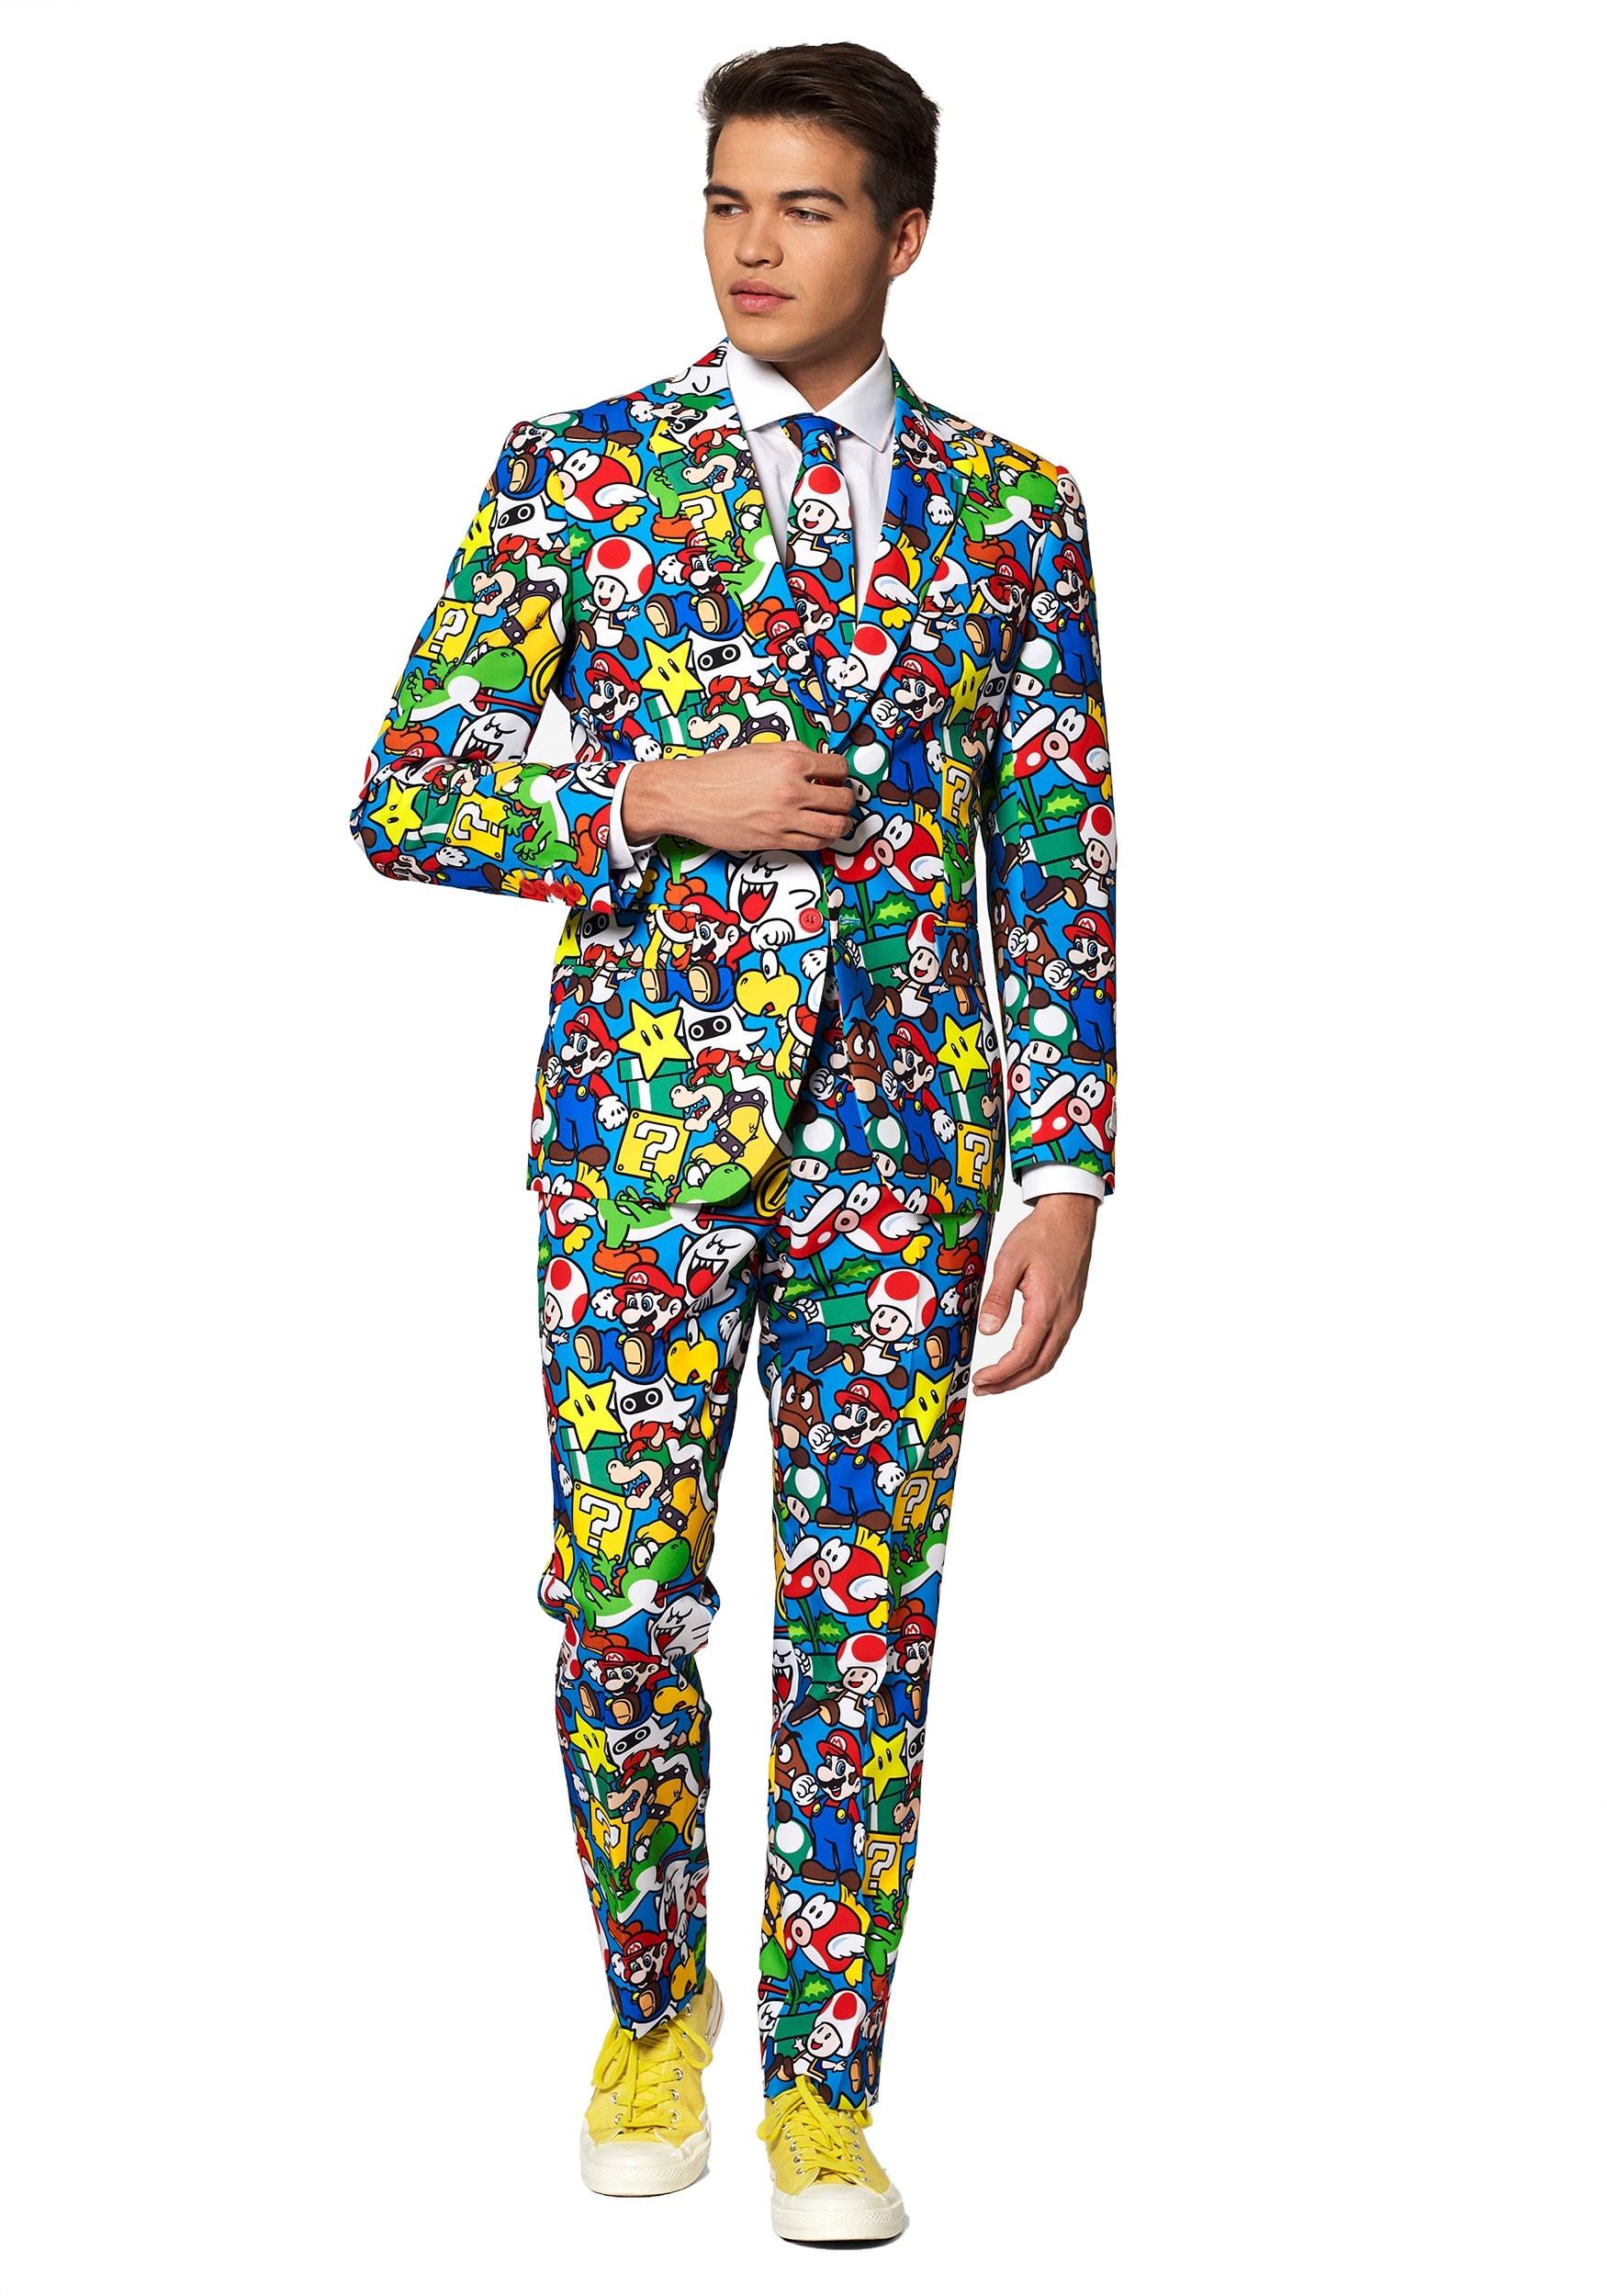 Opposuit Super Mario Suit for Men